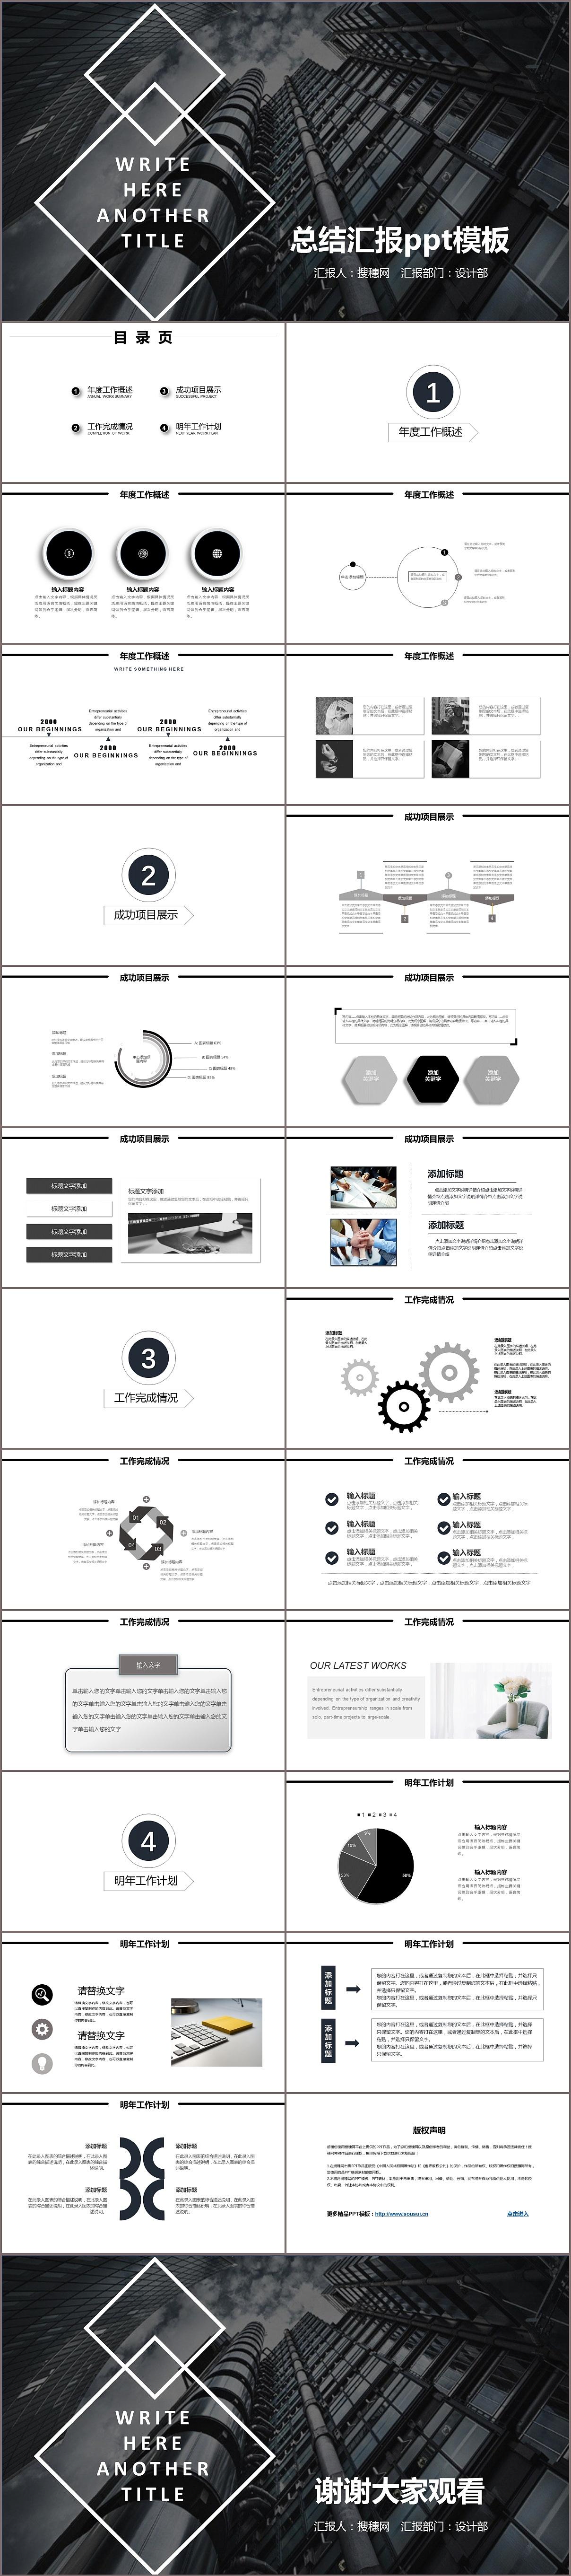 非主流黑色素材商務通用部門工作計劃總結匯報ppt模板圖片